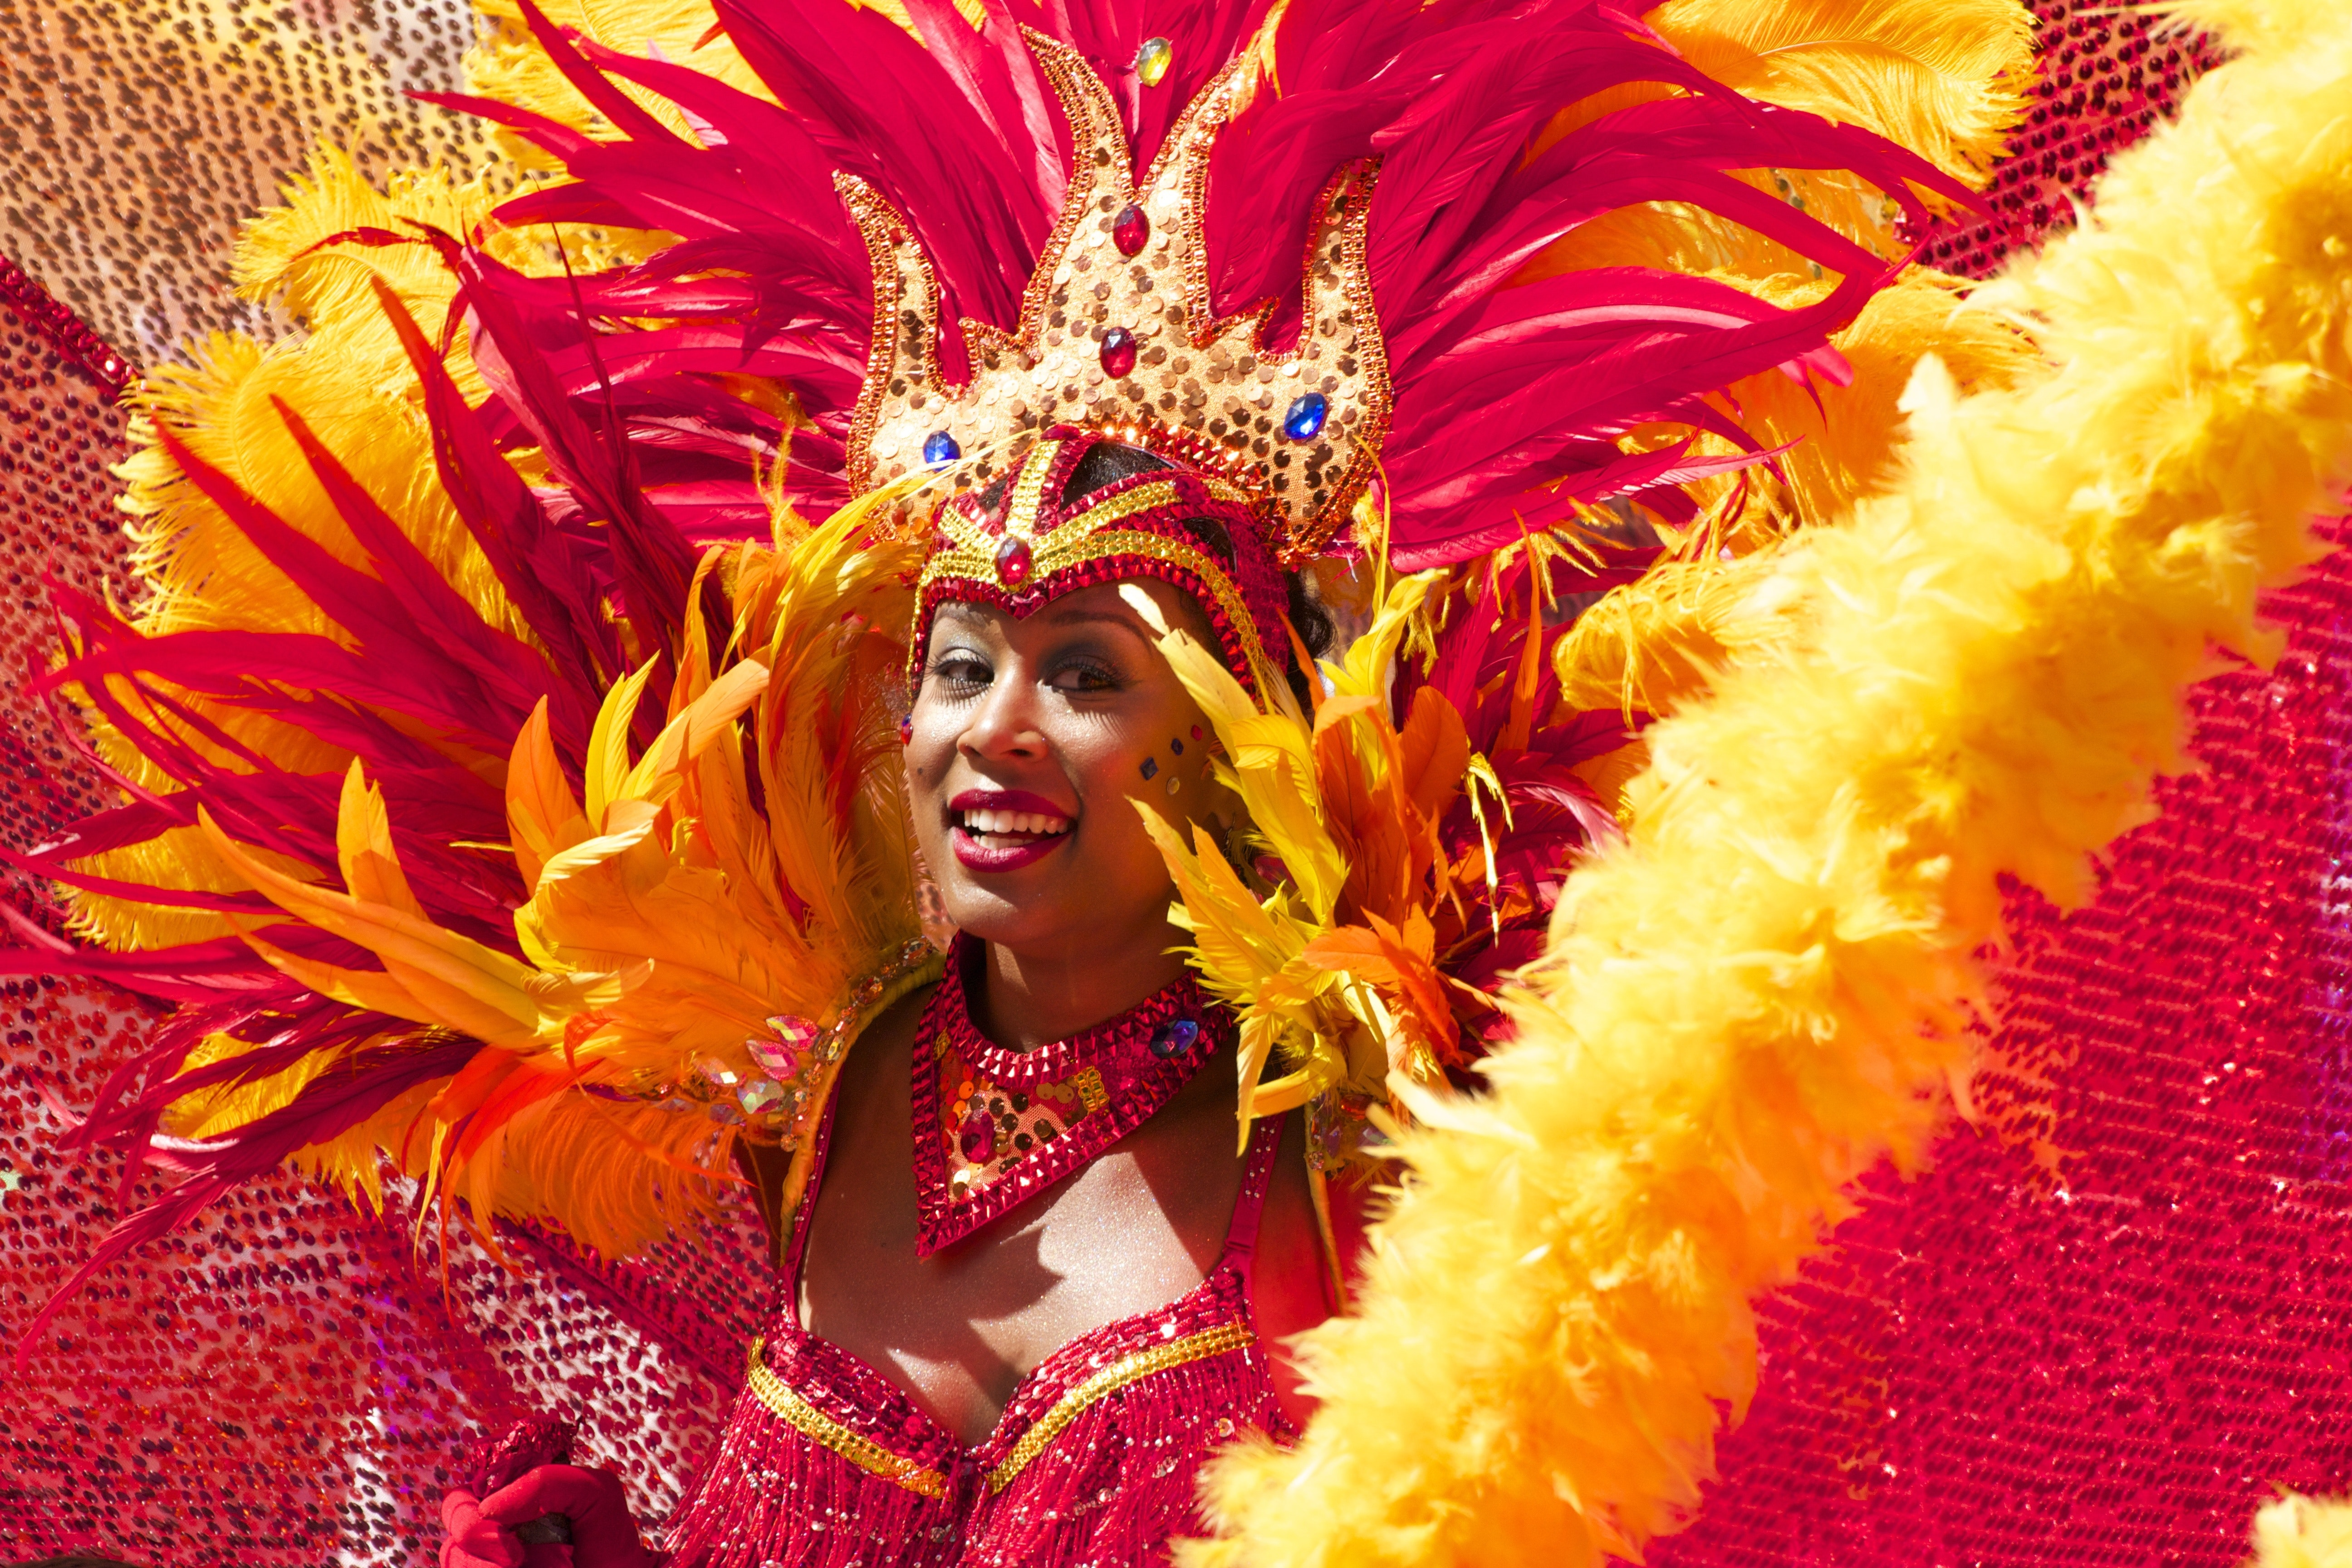 Carnaval não é sempre igual. Conhece as tradições que há pelo mundo?